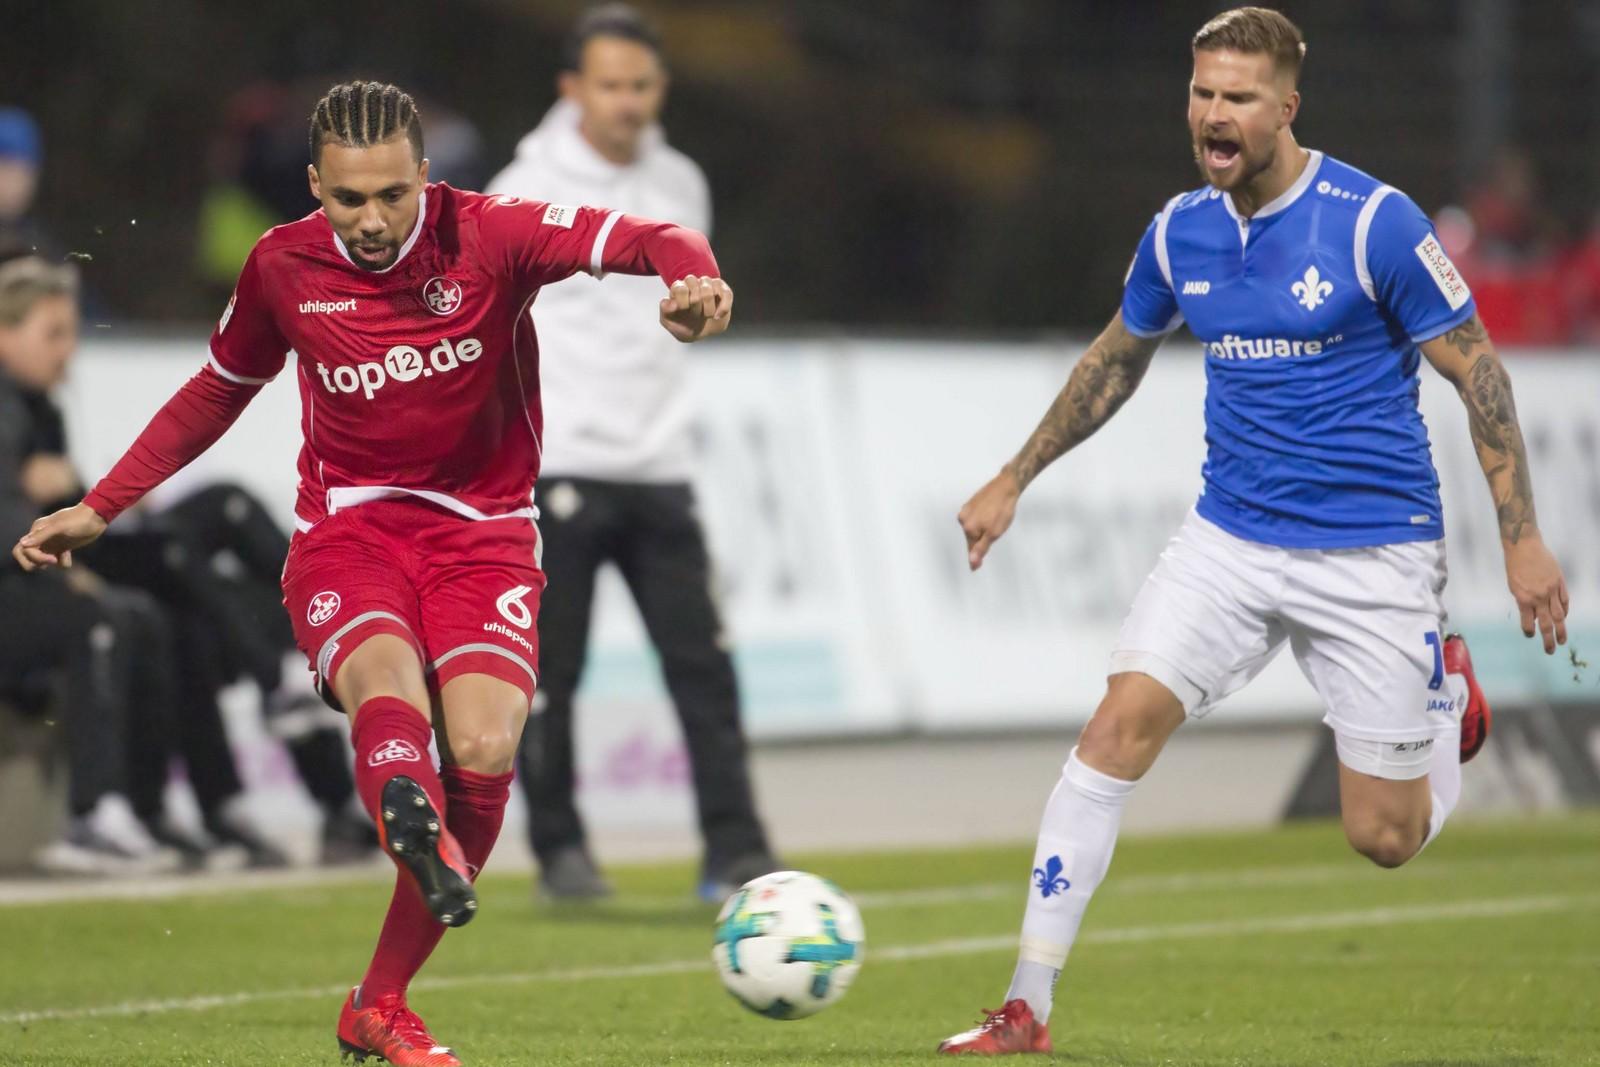 Leon Guwara vom 1. FC Kaiserslautern gegen Tobias Kempe von Darmstadt 98.